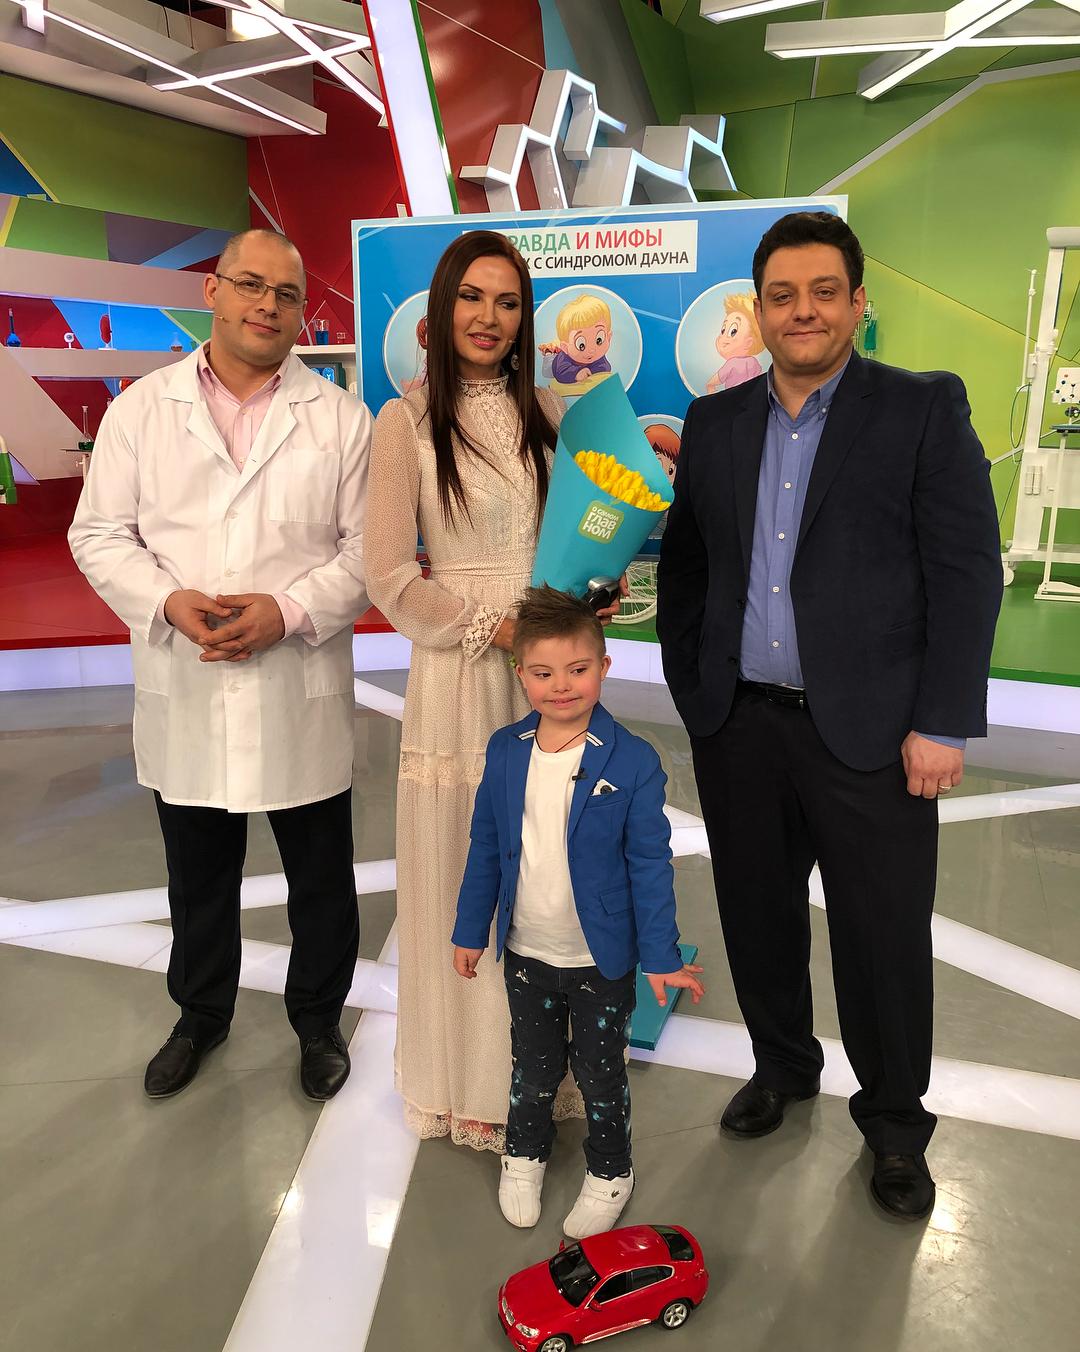 Ирина Хакамада и еще 5 звезд, которые воспитывают особенных детей и у них все хорошо